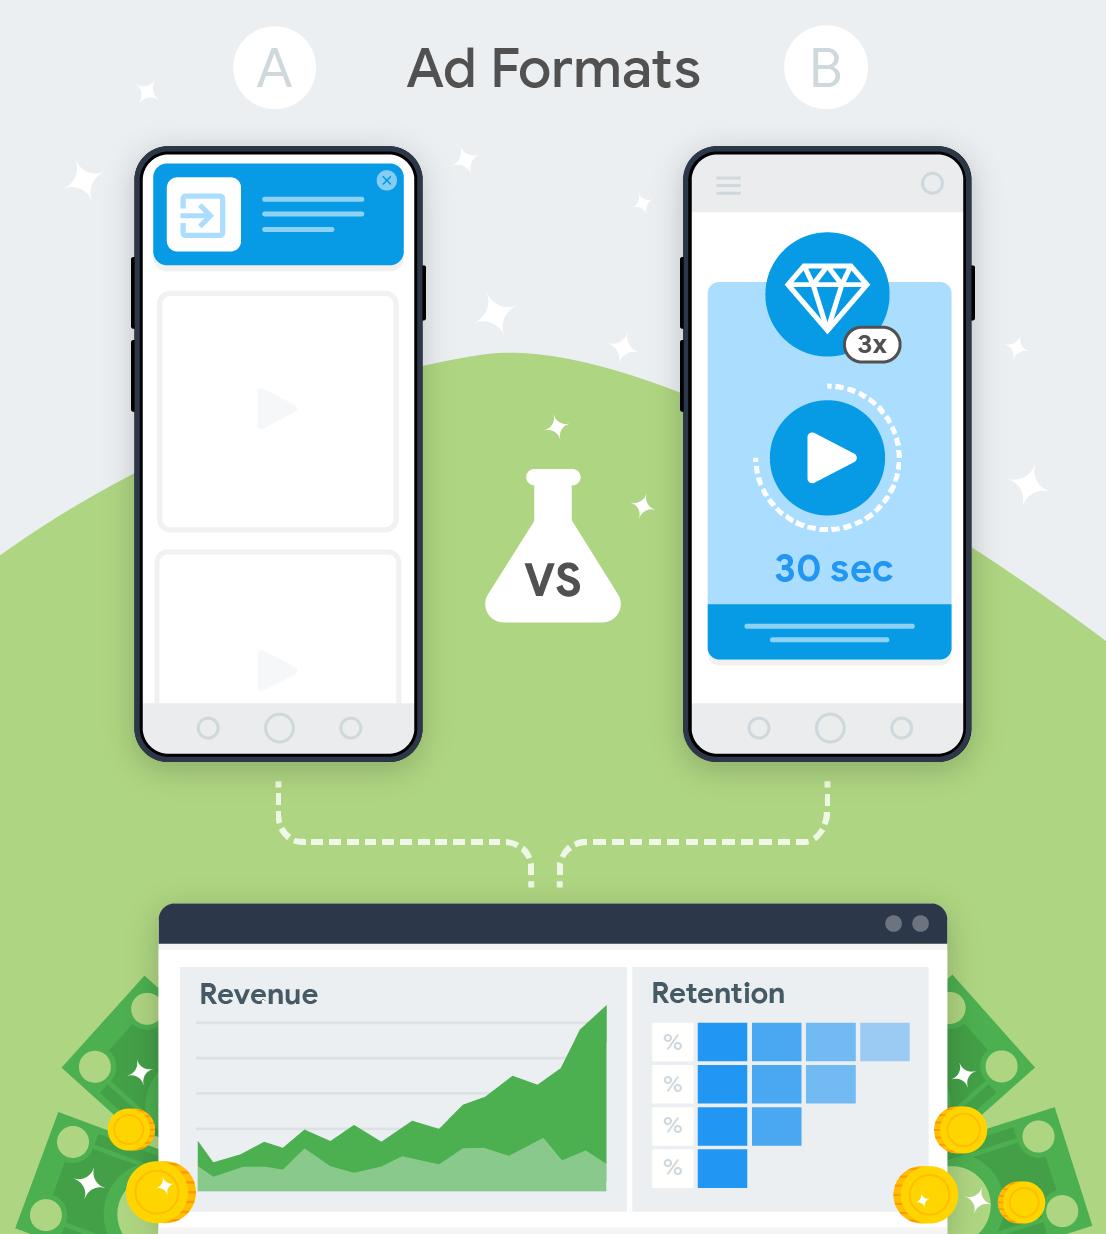 測試兩種廣告格式及其對收入和留存率的影響